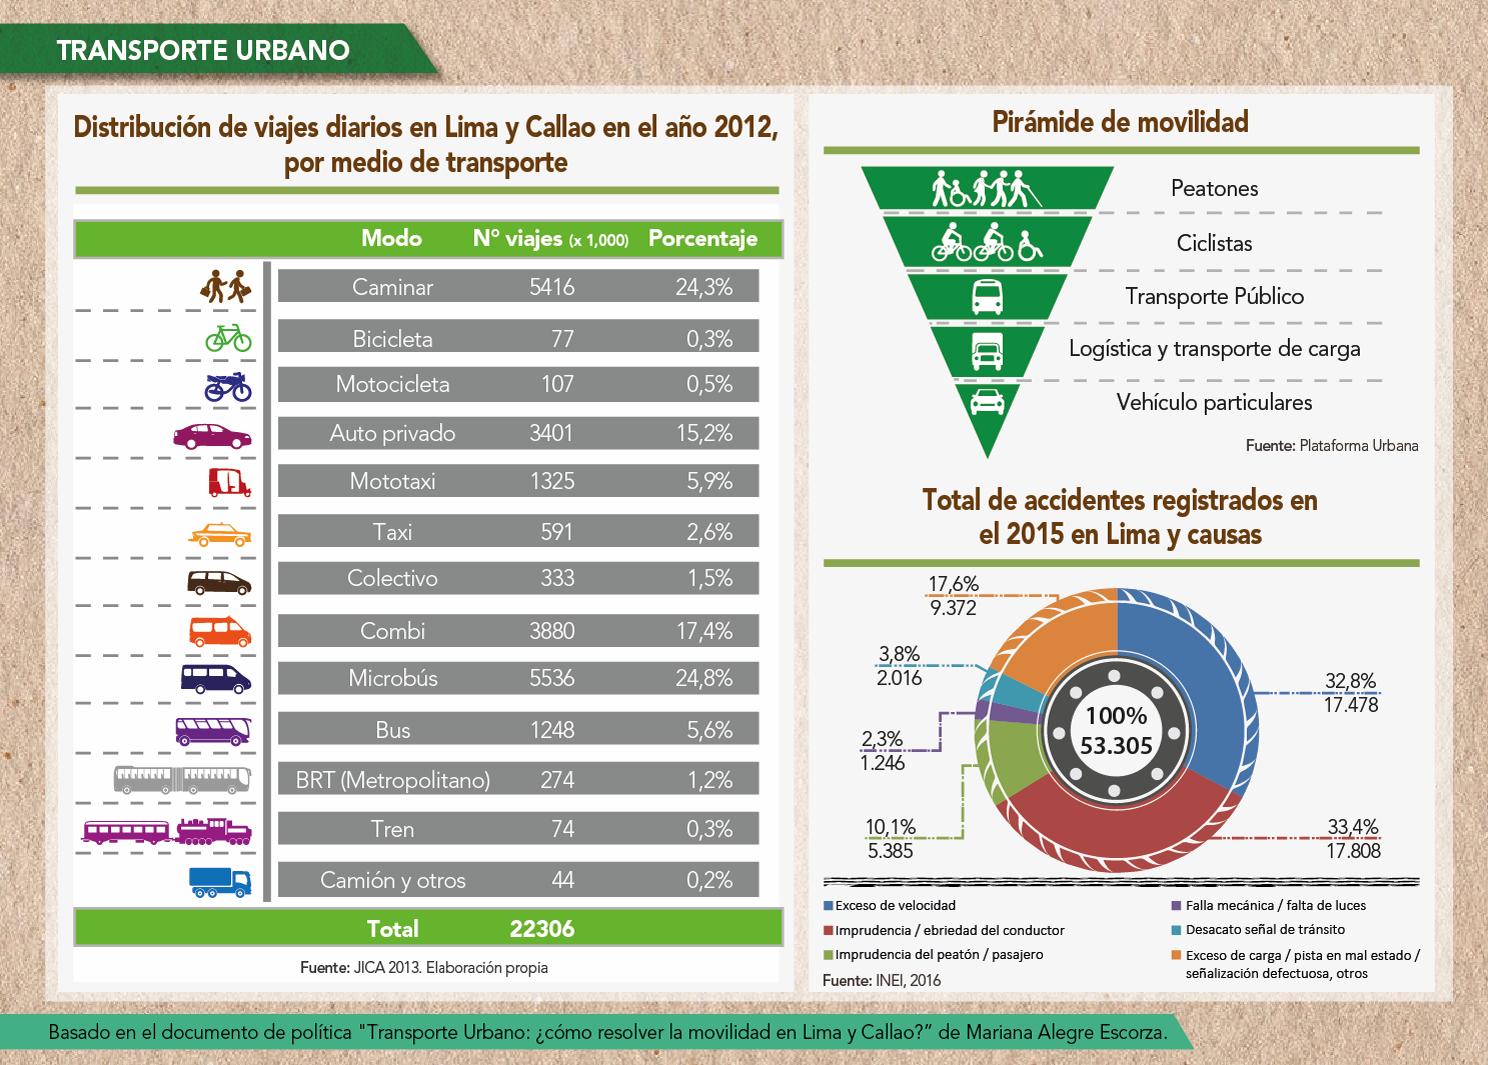 Hoja de ruta: Transporte Urbano: ¿Cómo resolver la movilidad en Lima y Callao?